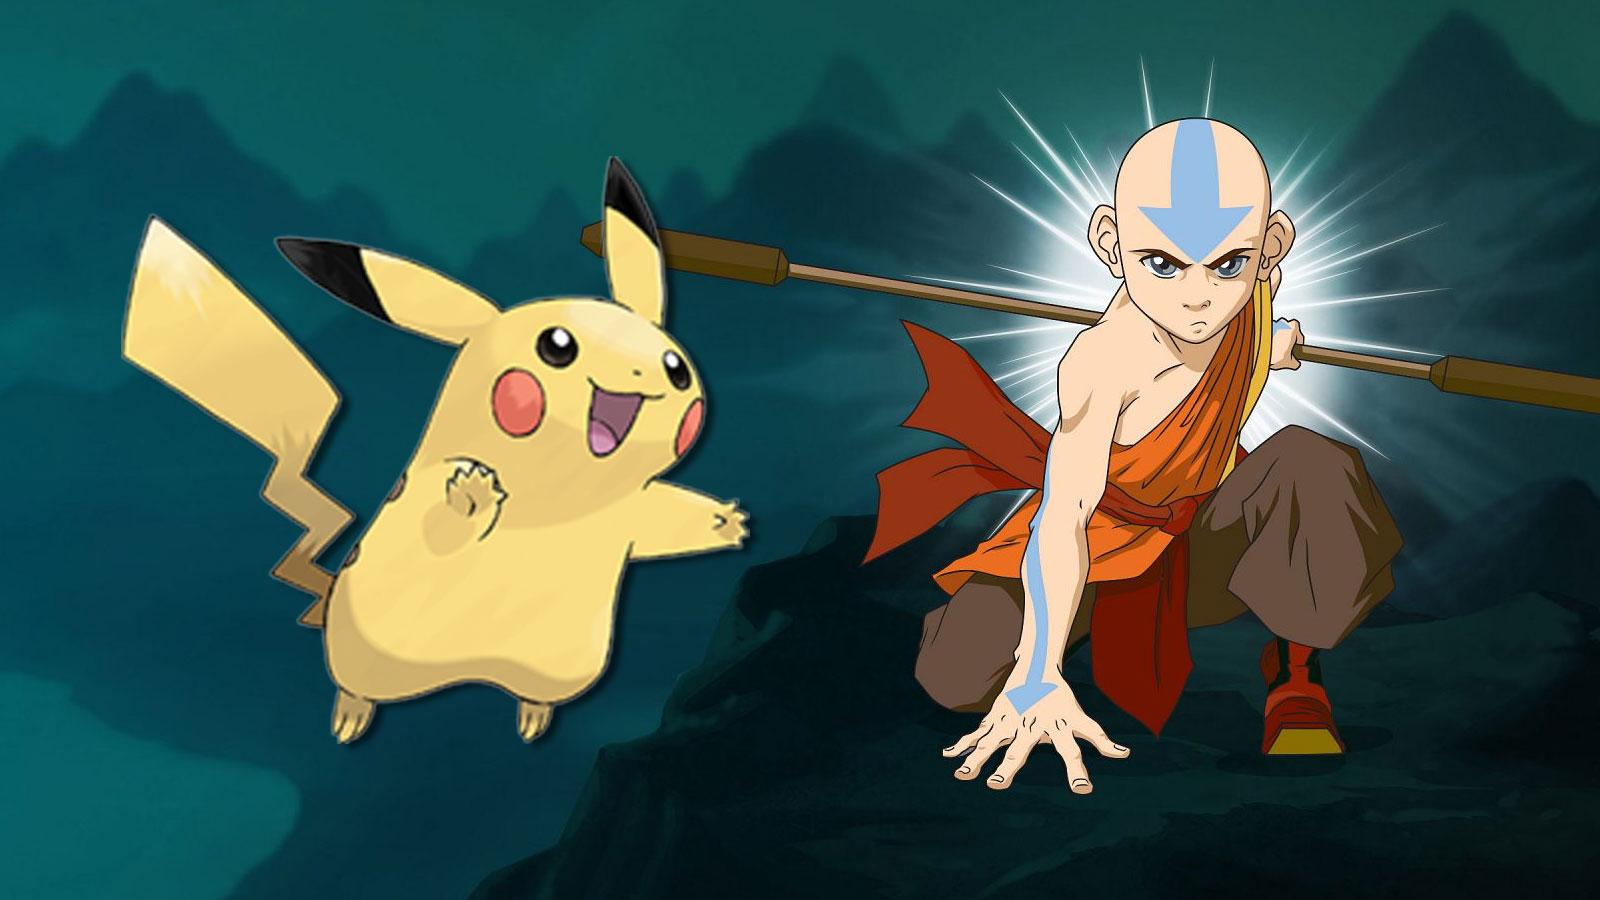 pikachu aang avatar